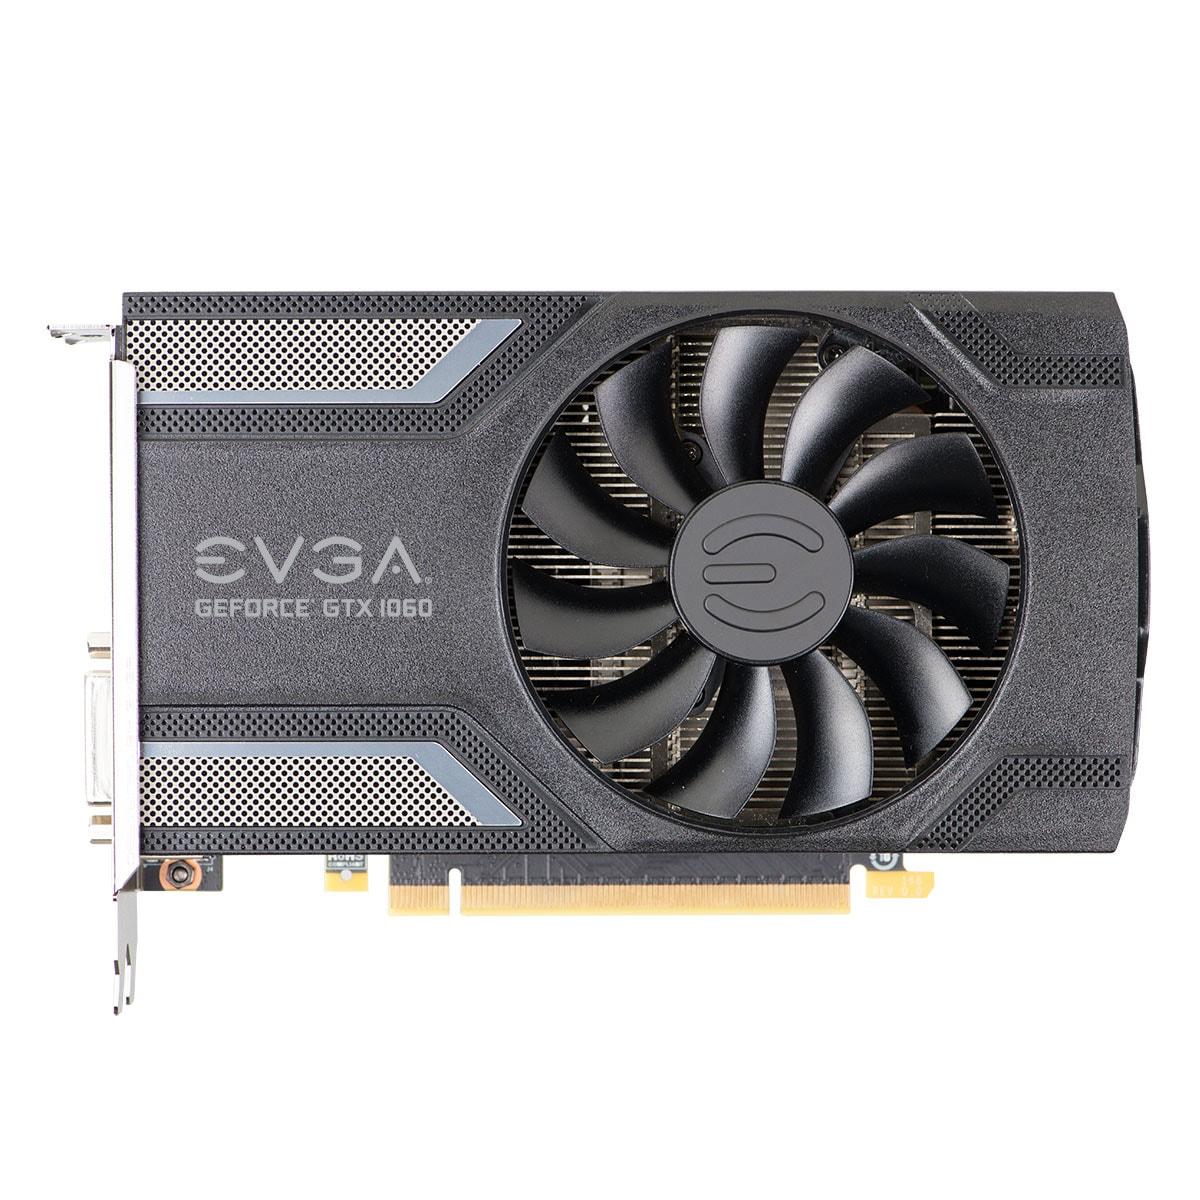 EVGA GTX 1060 SC Gaming 6163 6Go - Carte graphique EVGA - 2